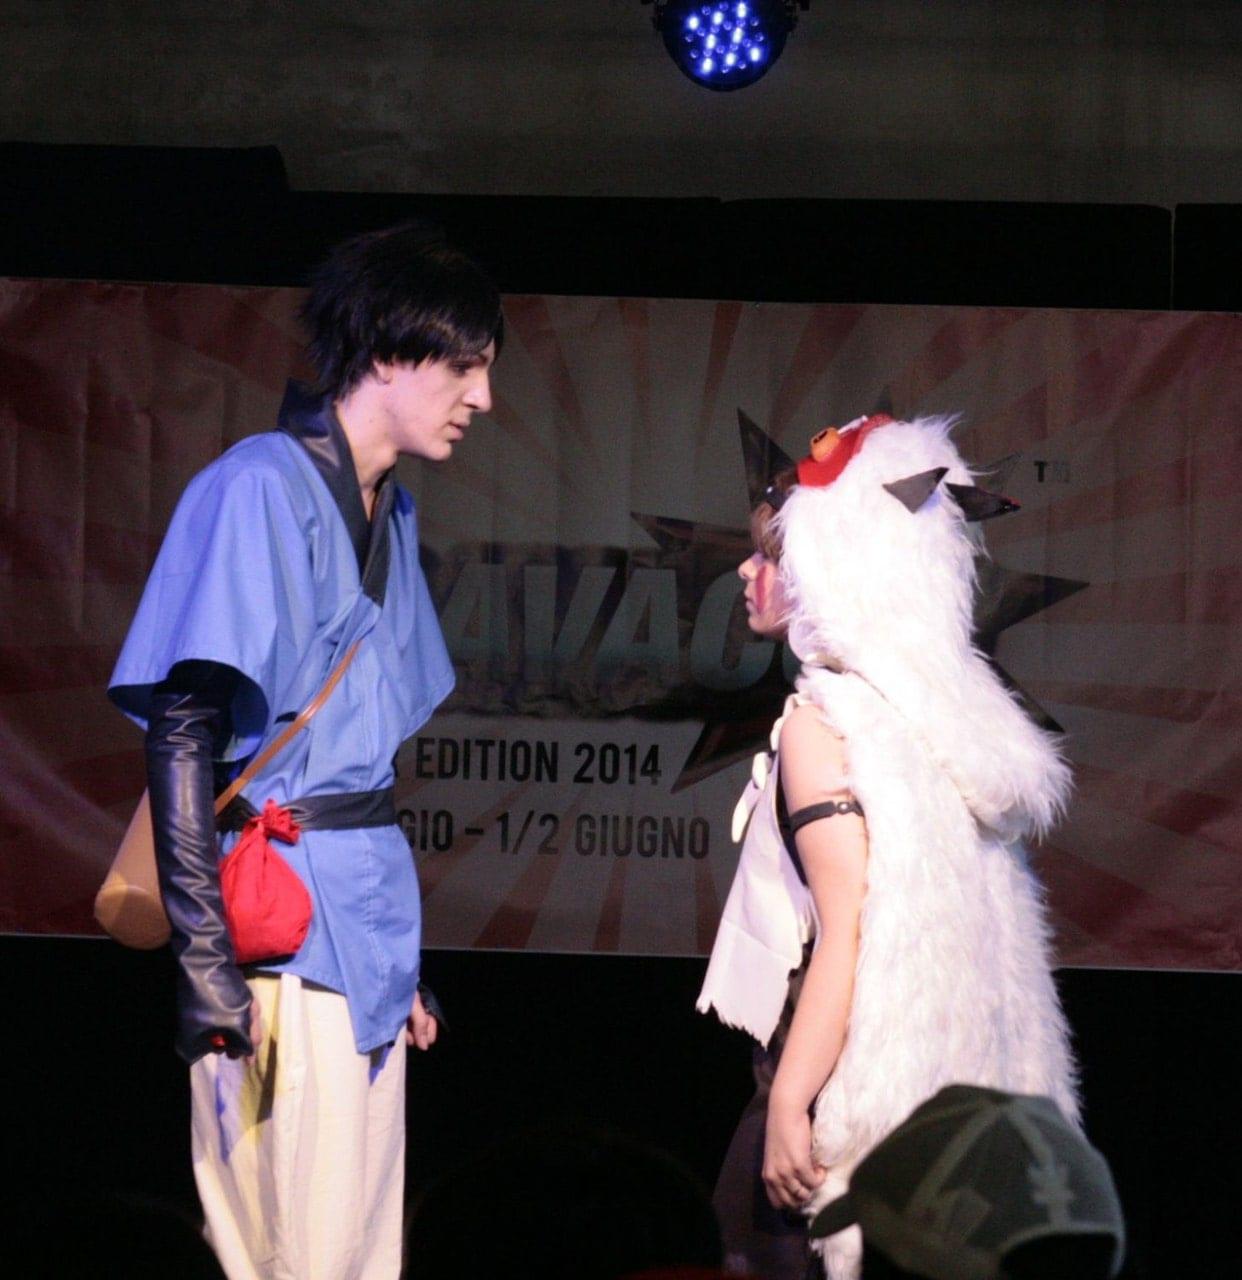 princess mononoke ashitaka cosplay costume princess mononoke ashitaka costume